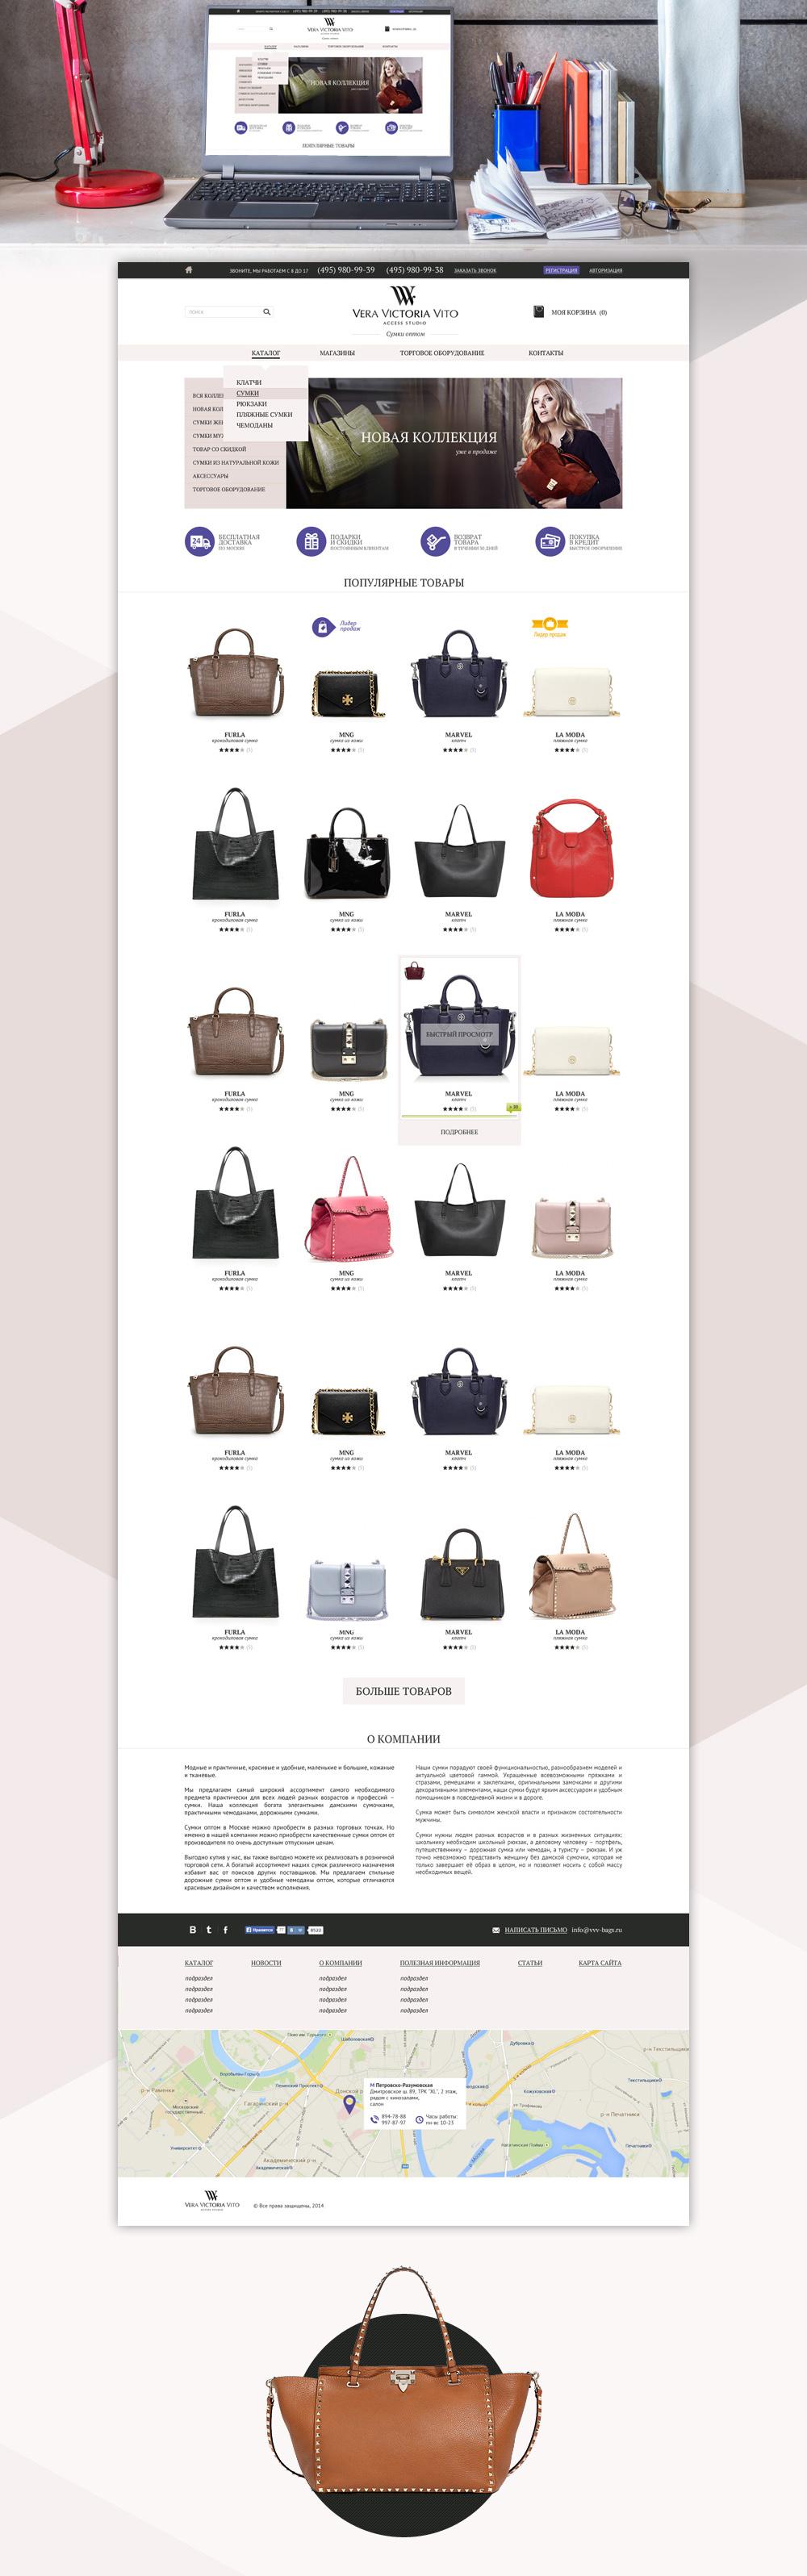 Адаптивный дизайн интернет-магазина по продаже сумок